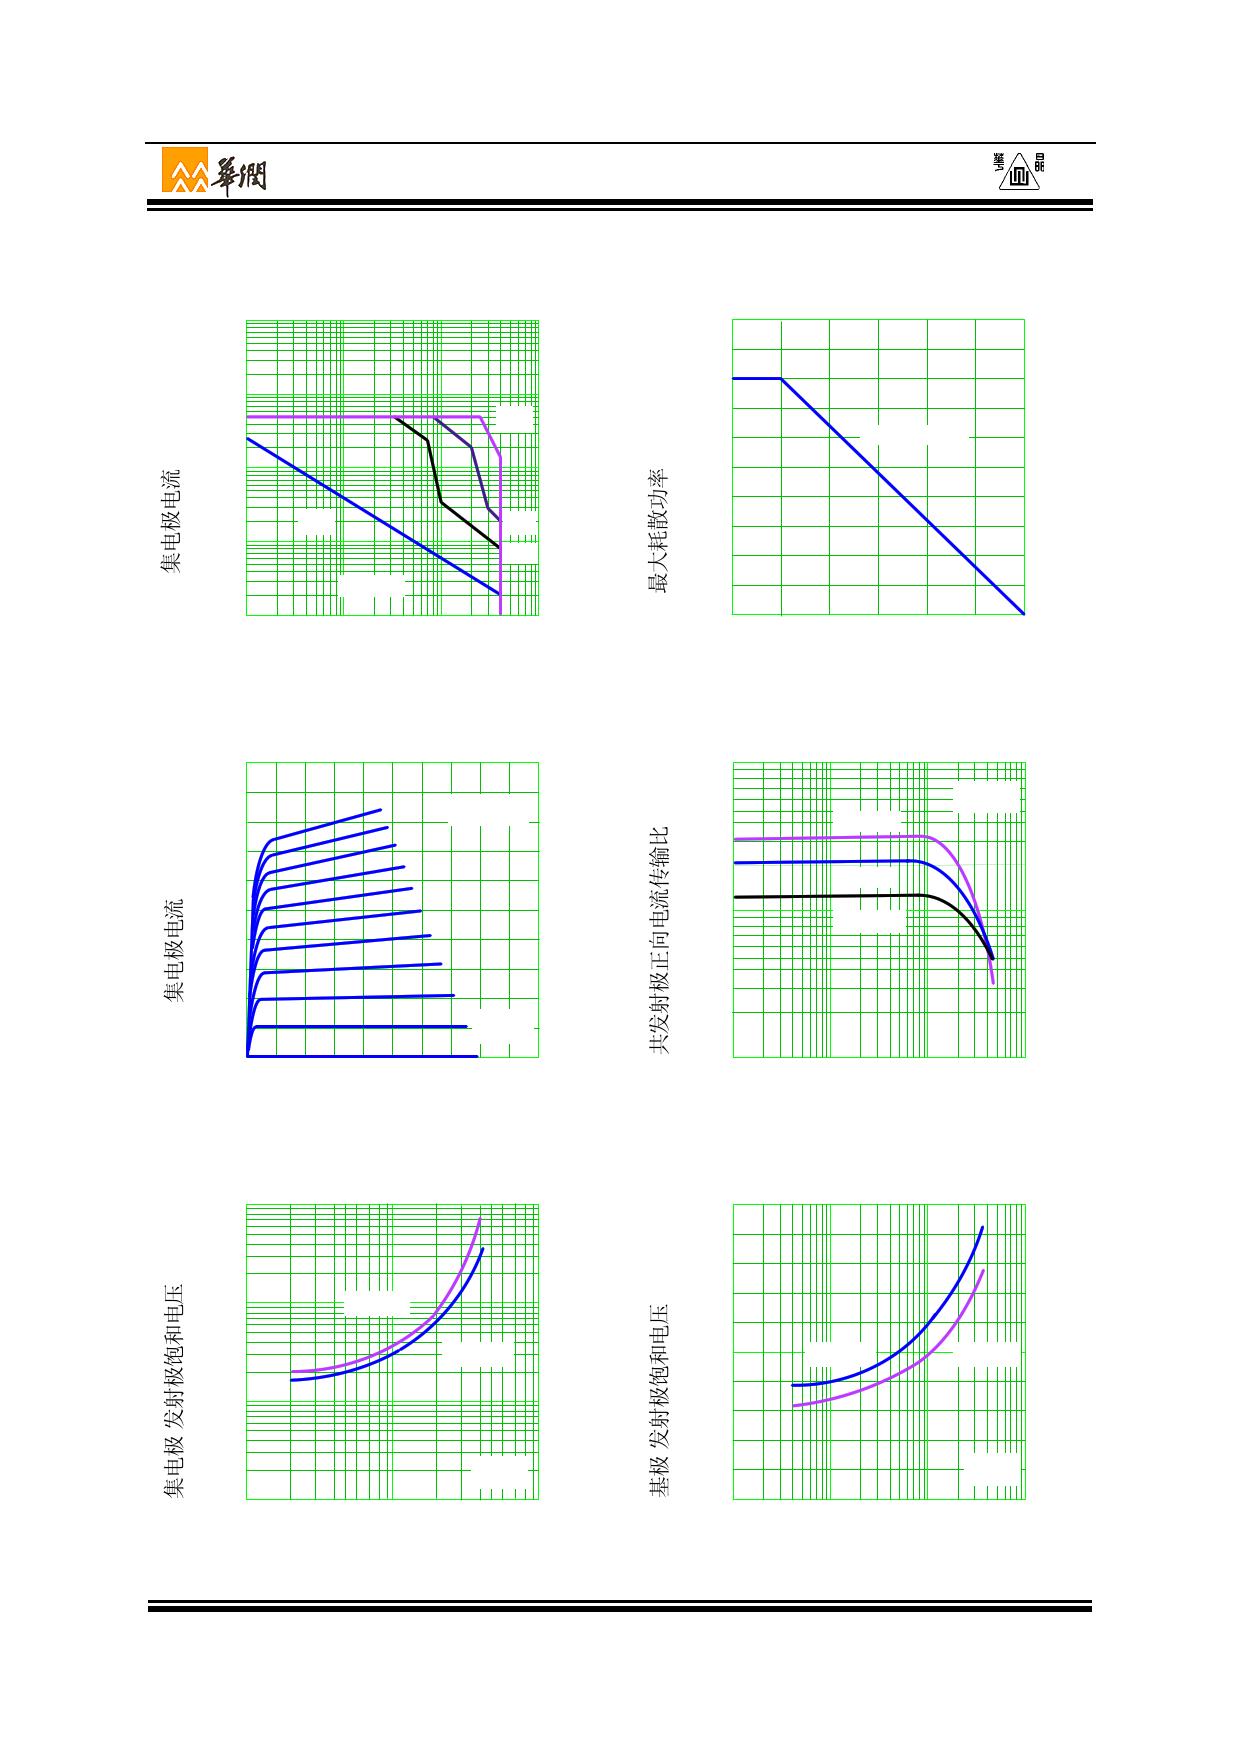 3DD13001A1 pdf, ピン配列